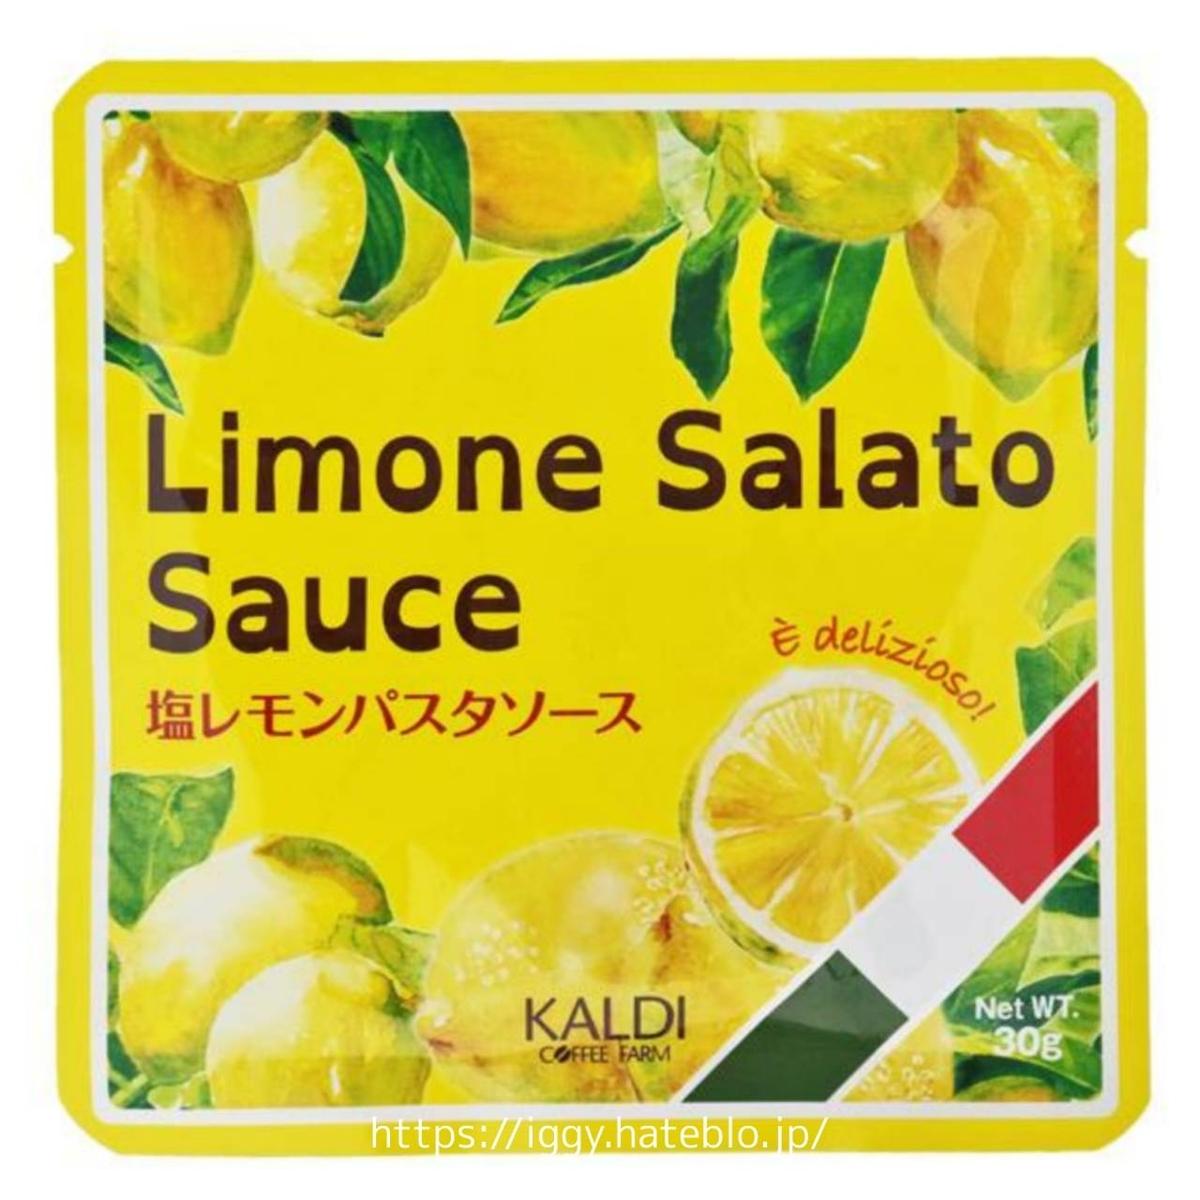 カルディ おすすめ商品「塩レモンパスタソース」原材料 カロリー・栄養成分